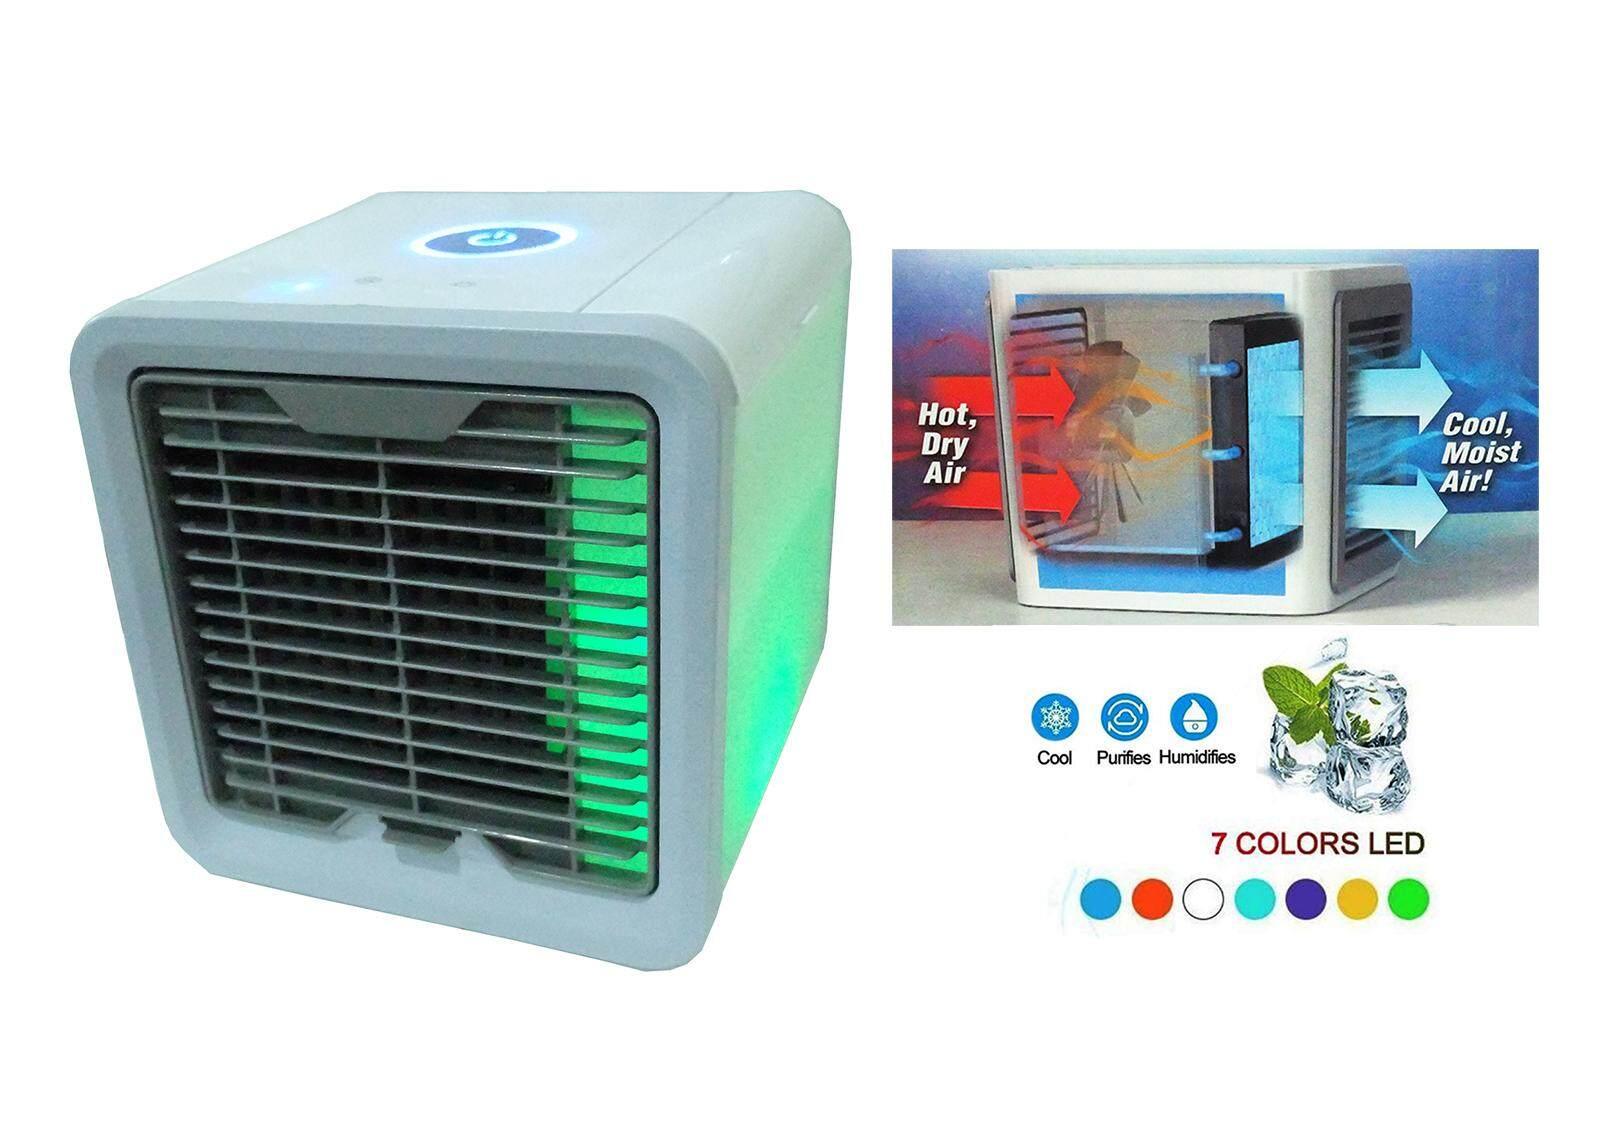 4e160d6a993 Portable Mini Air Cooler Air Conditioner Artic Air Powered by USB Port